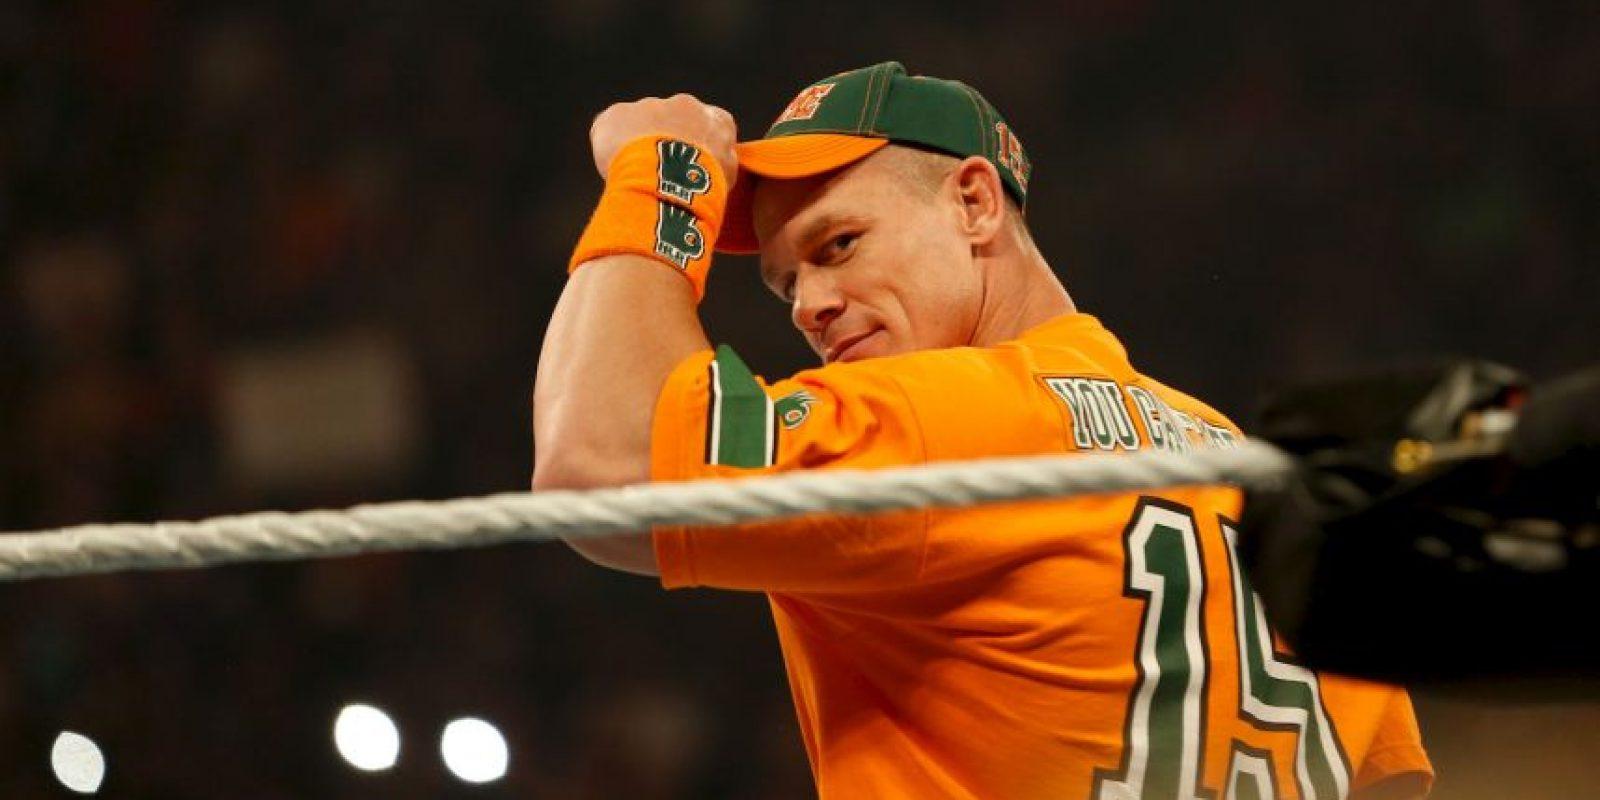 """La última participación de Cena en la WWE este 2015, fue durante """"Hell in a Cell"""", ahí perdió el título de los Estados Unidos ante Alberto del Río, el pasado 25 de octubre. Foto:Getty Images"""